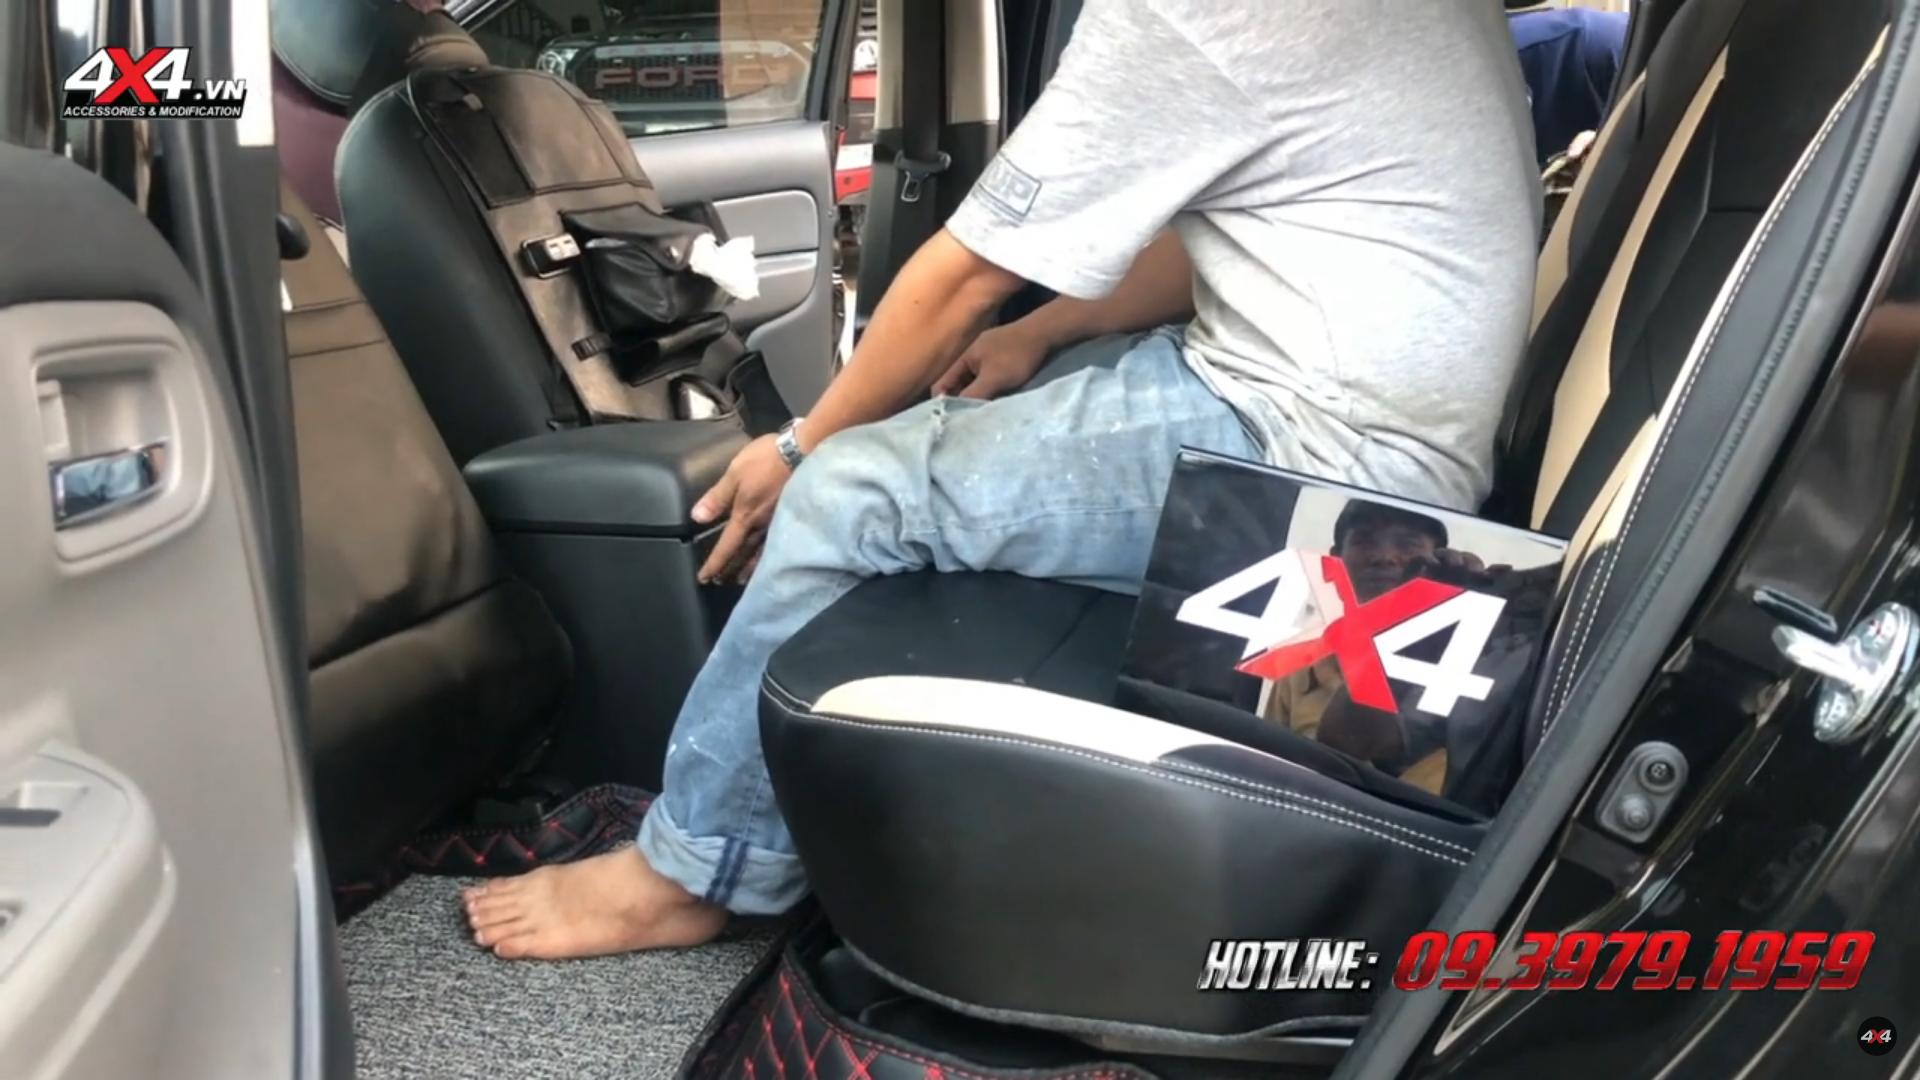 Độ ghế chỉnh điện ngã 45 độ cho xe bán tải Mitsubishi Triton giúp bạn ngồi thoải mái hơn